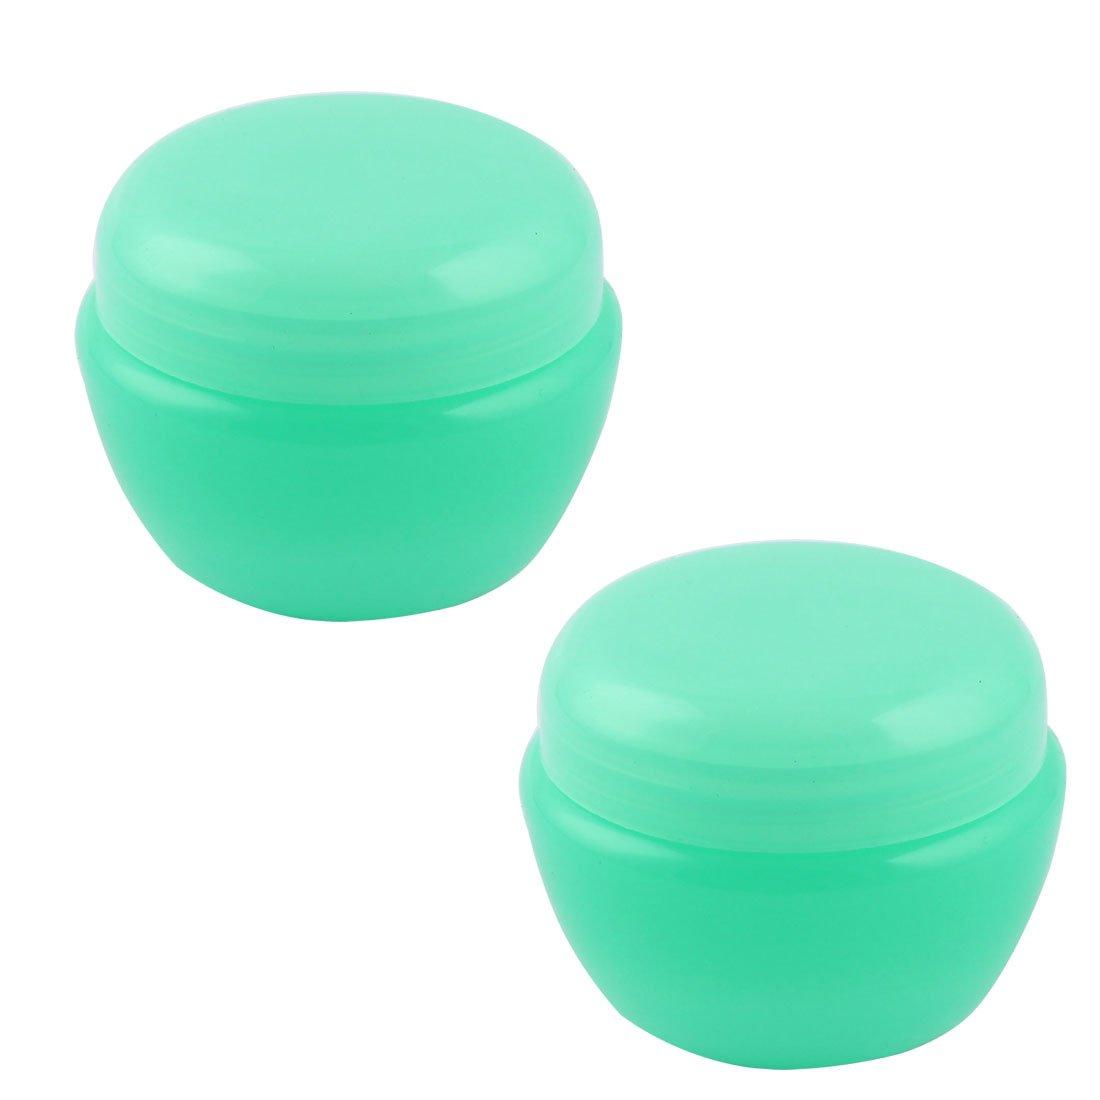 sourcingmap 2Stk Kunststoff Behälter Kosmetik Aufbewahrungsflasche Organizer grün 32ml a17022800ux0755